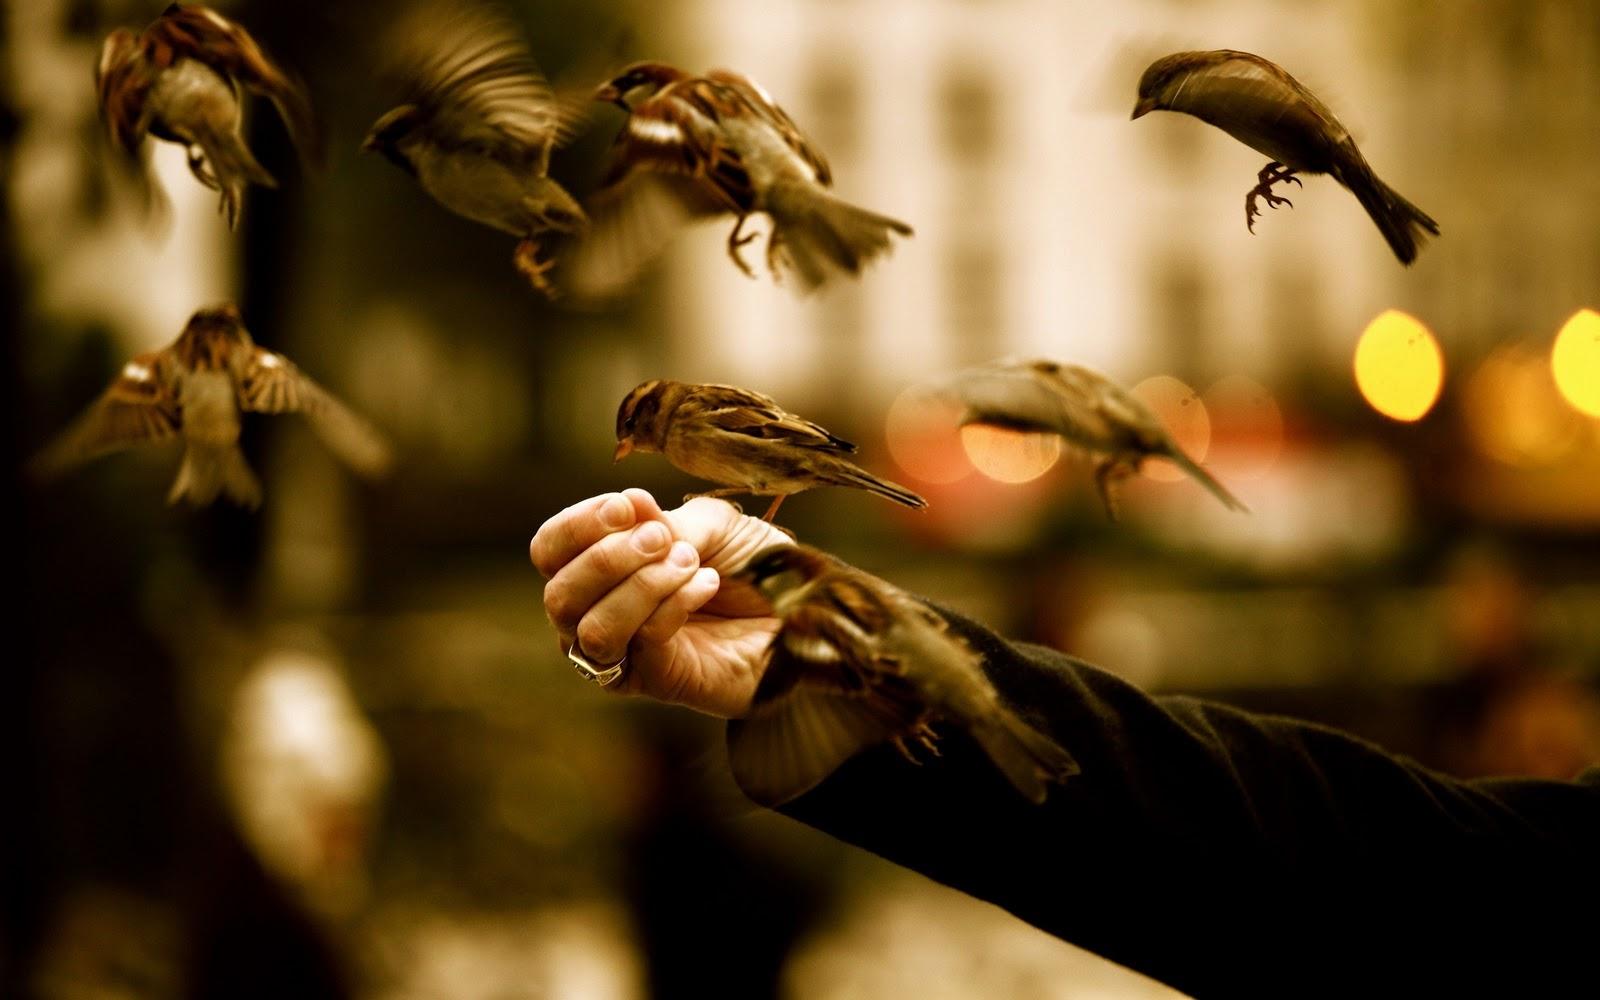 http://2.bp.blogspot.com/-96Lngx-9Bik/T32kt3HhDHI/AAAAAAAABcE/anloeBvHyQE/s1600/Sparrows+Hand+Food+HD+Wallpaper.jpg